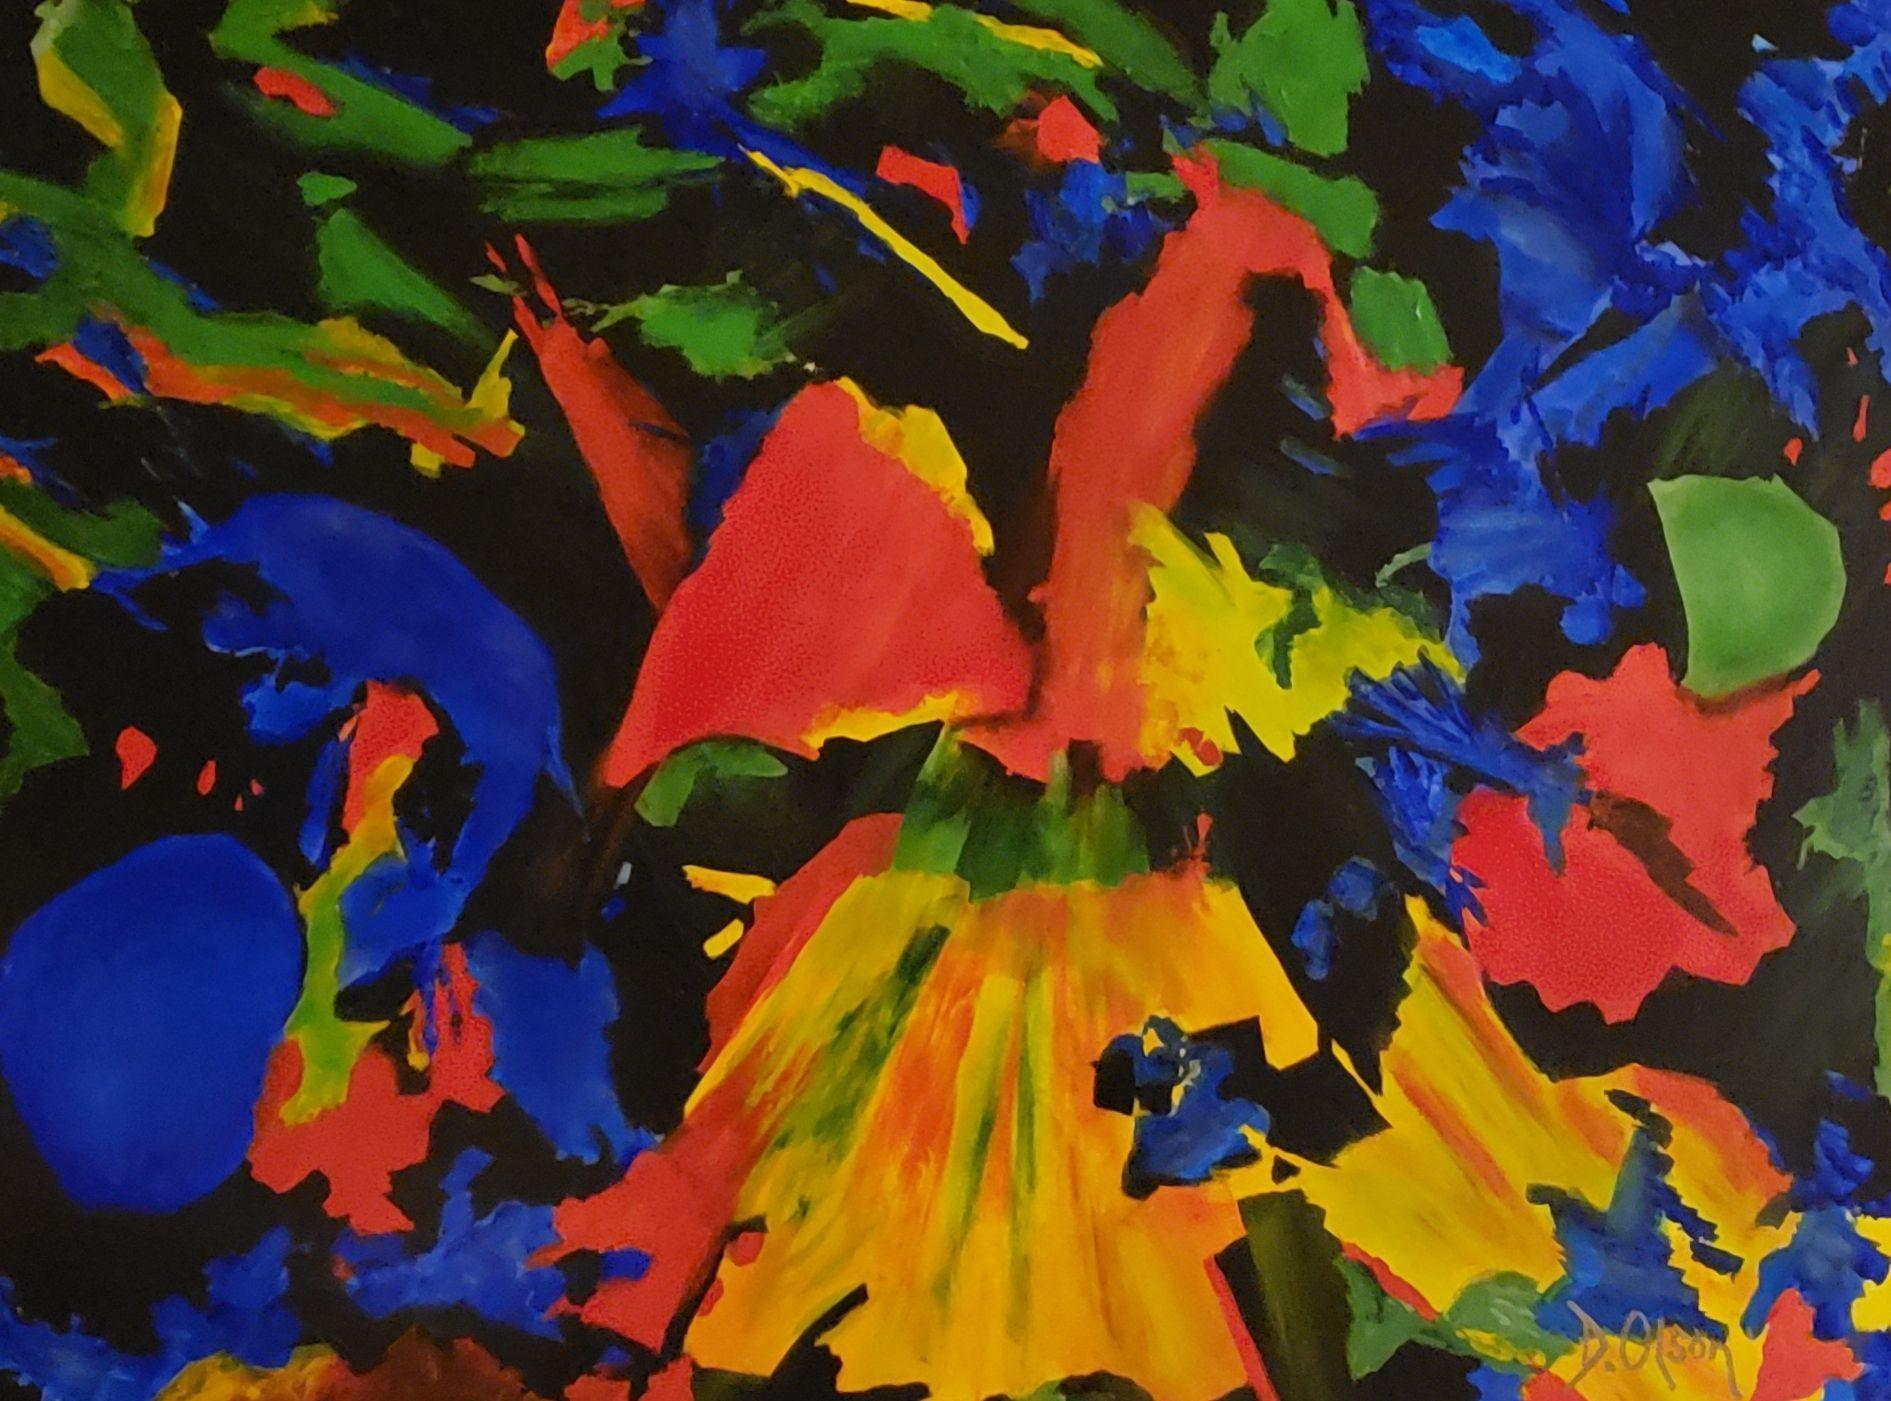 Mach Four, Painting, Acrylic on Canvas